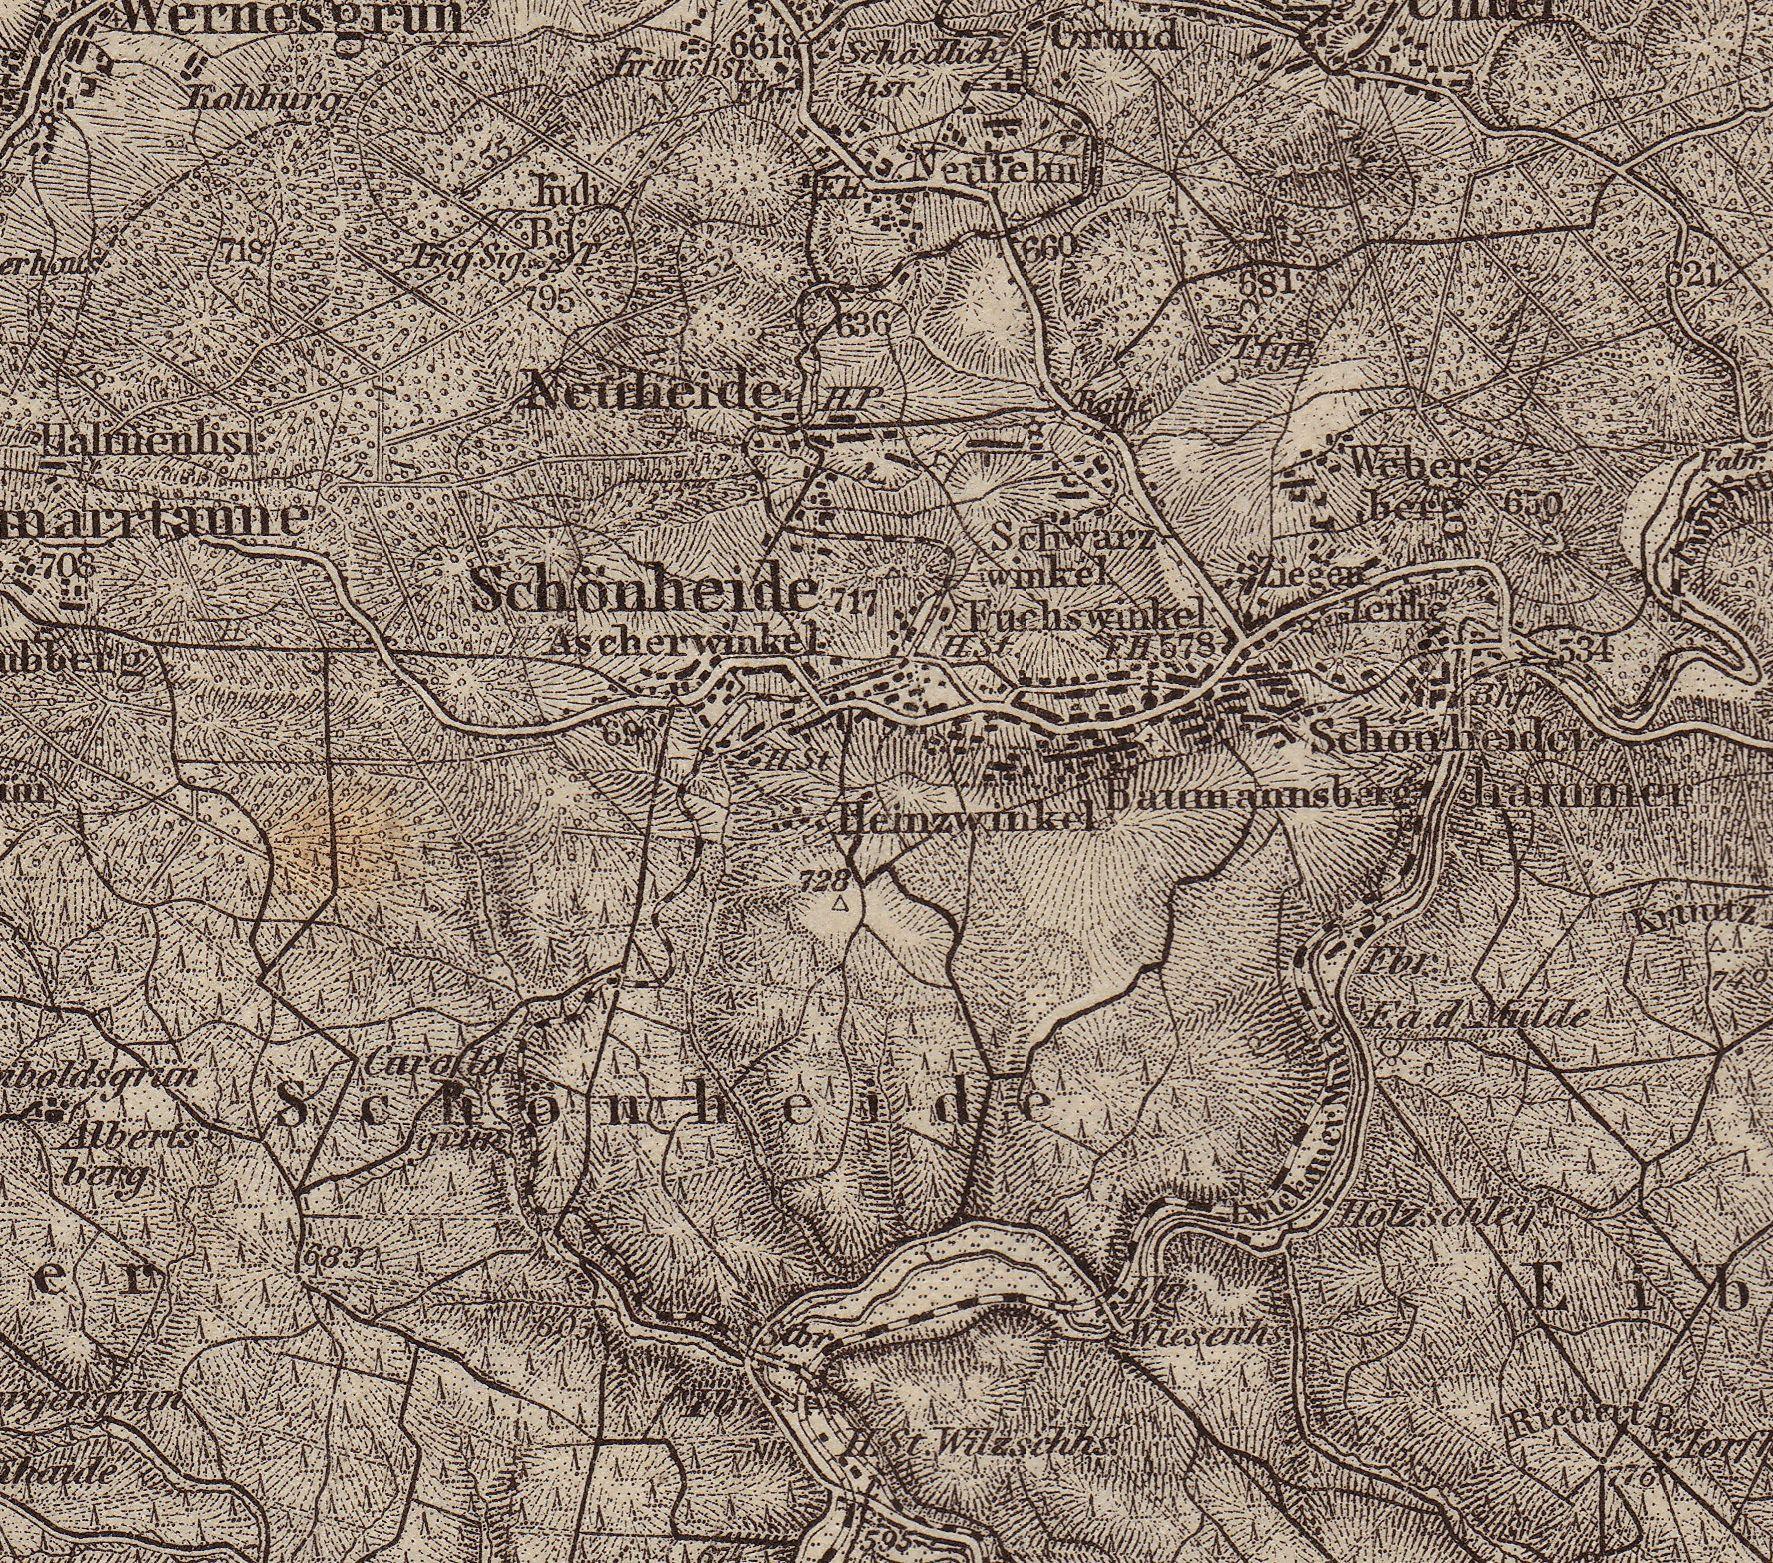 Bergbau Erzgebirge Karte.File Karte Westliches Erzgebirge Vogtland Ausschnitt